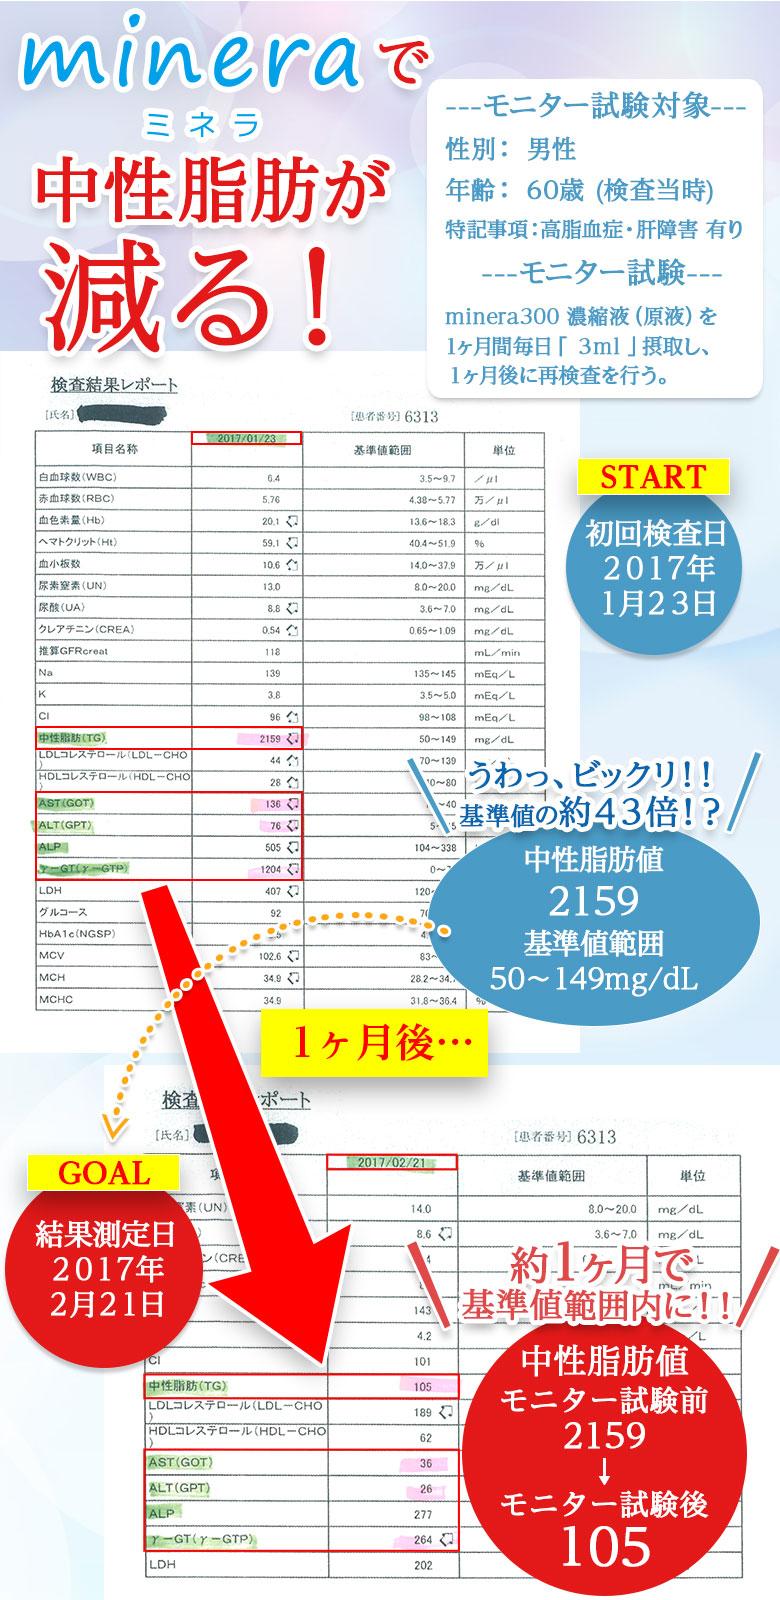 中性脂肪が減る!2